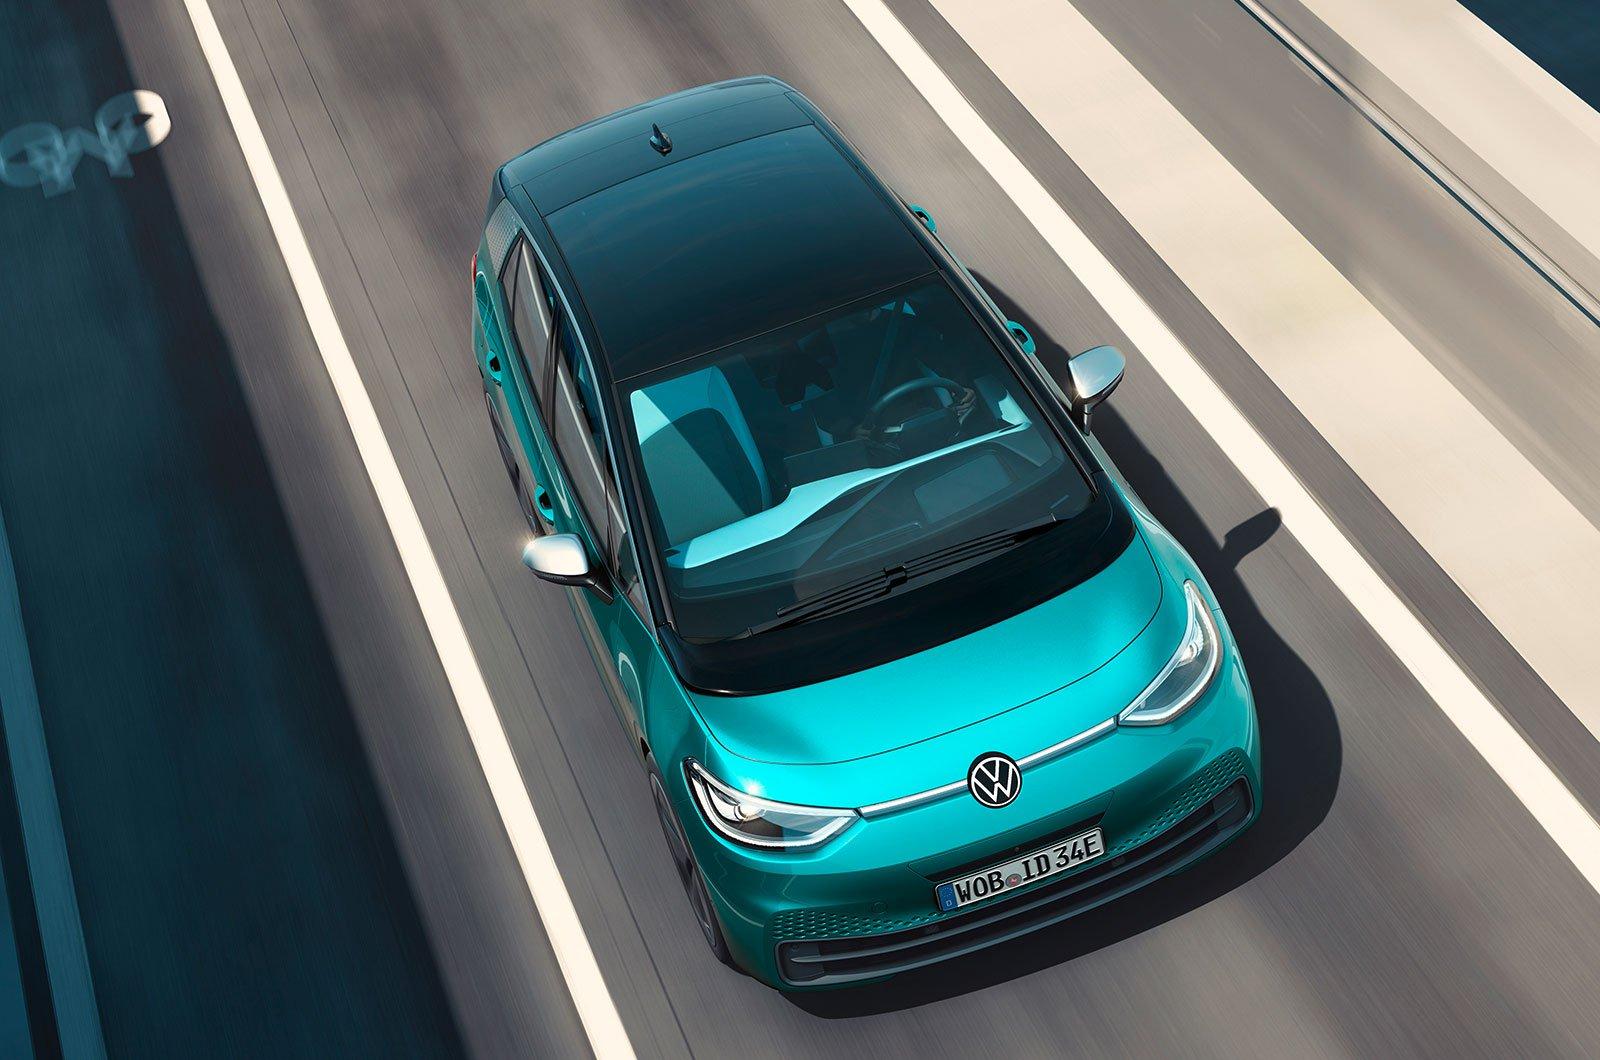 2020 Volkswagen ID roof